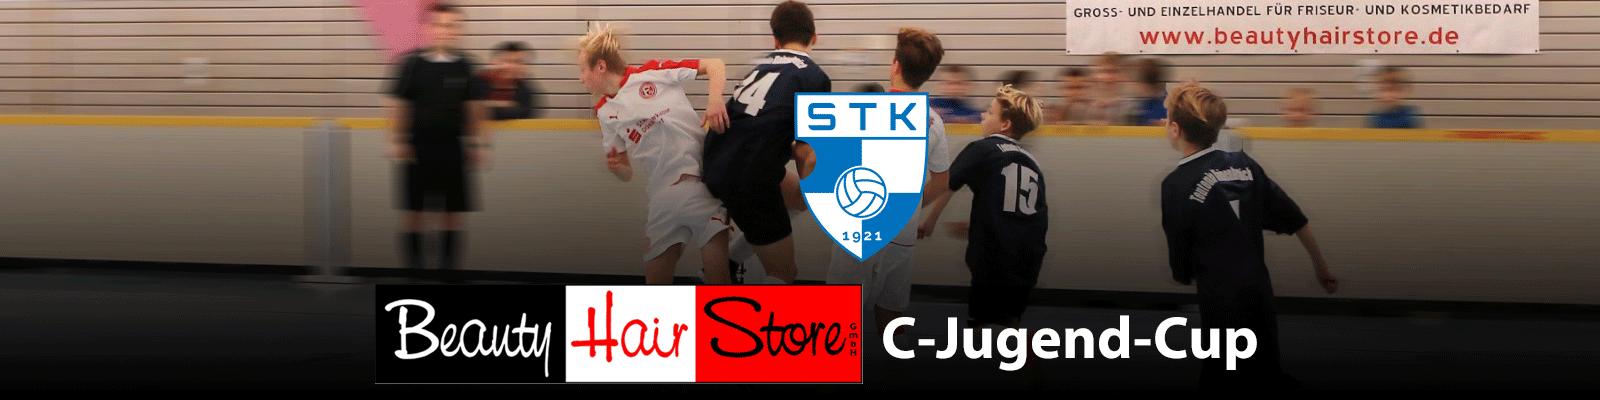 C-Jugend-Cup